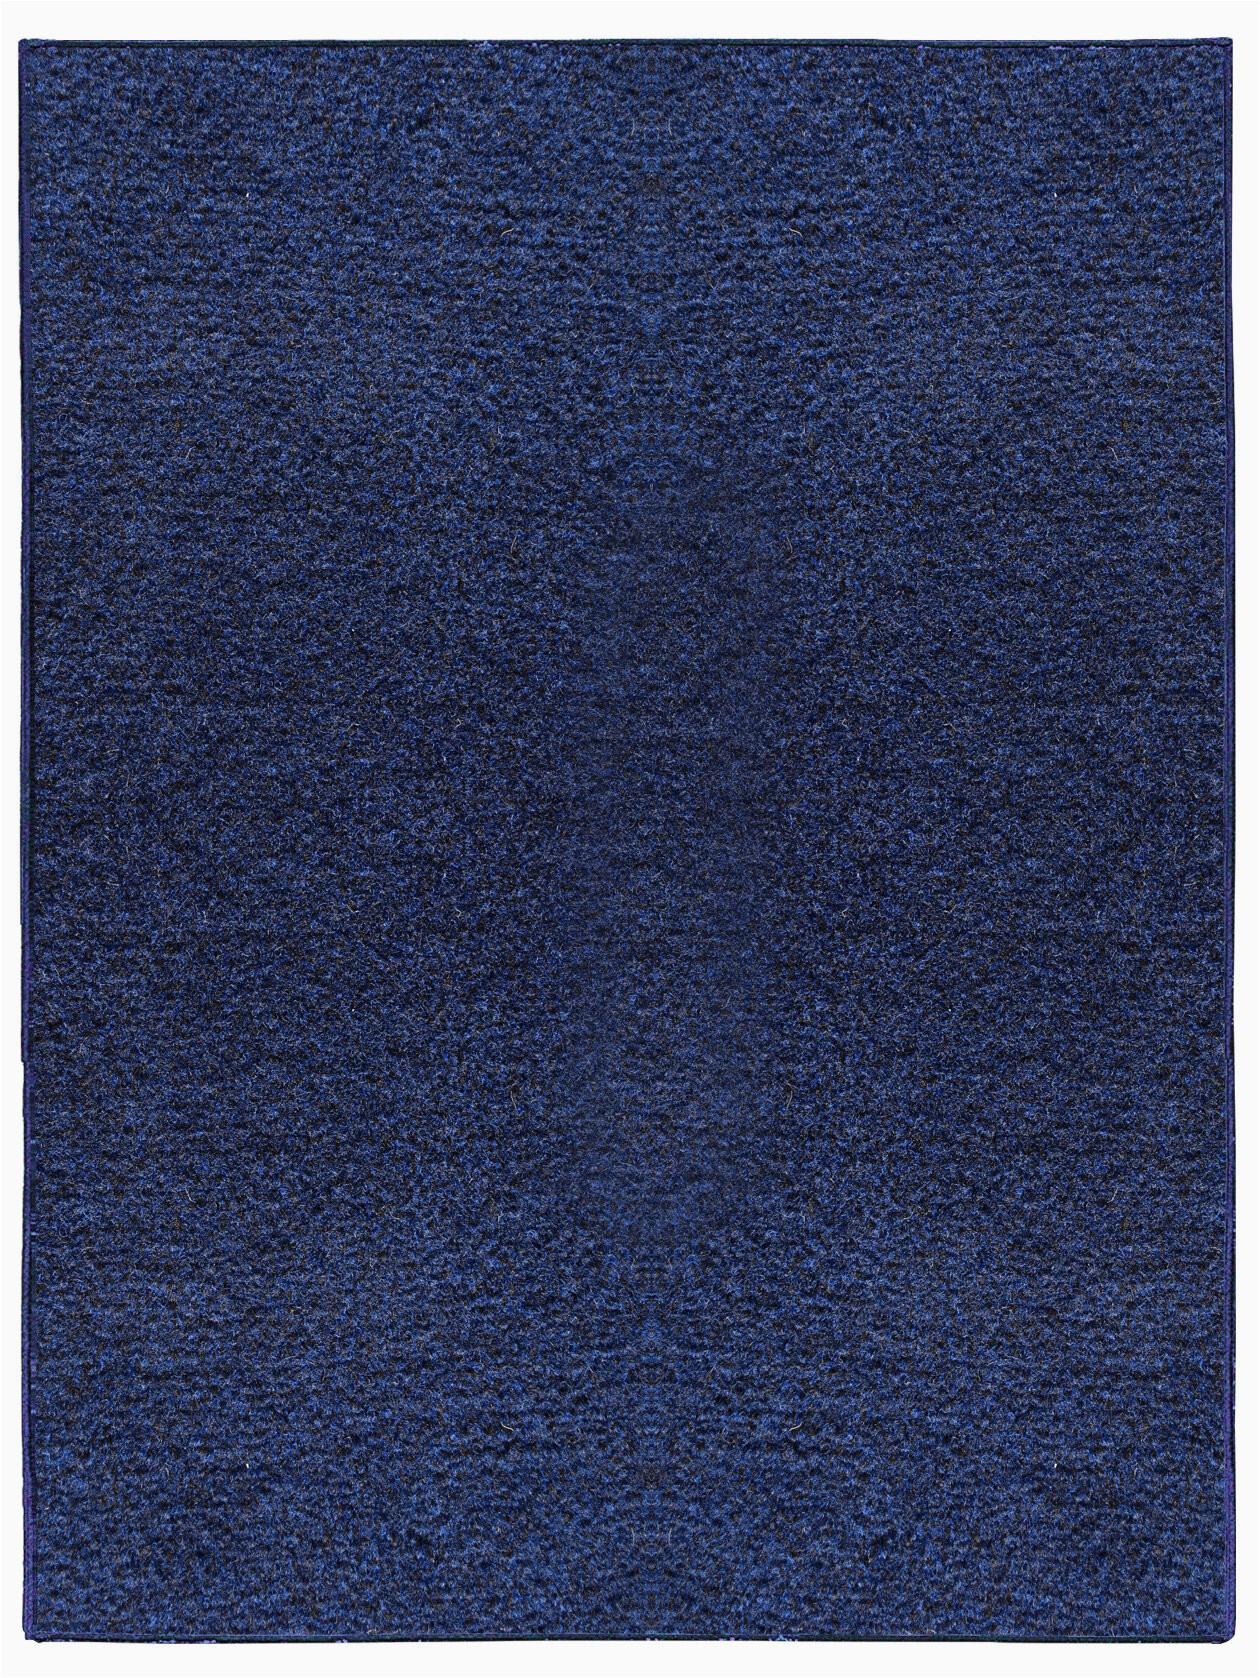 zihlman braided navy indoor outdoor rug